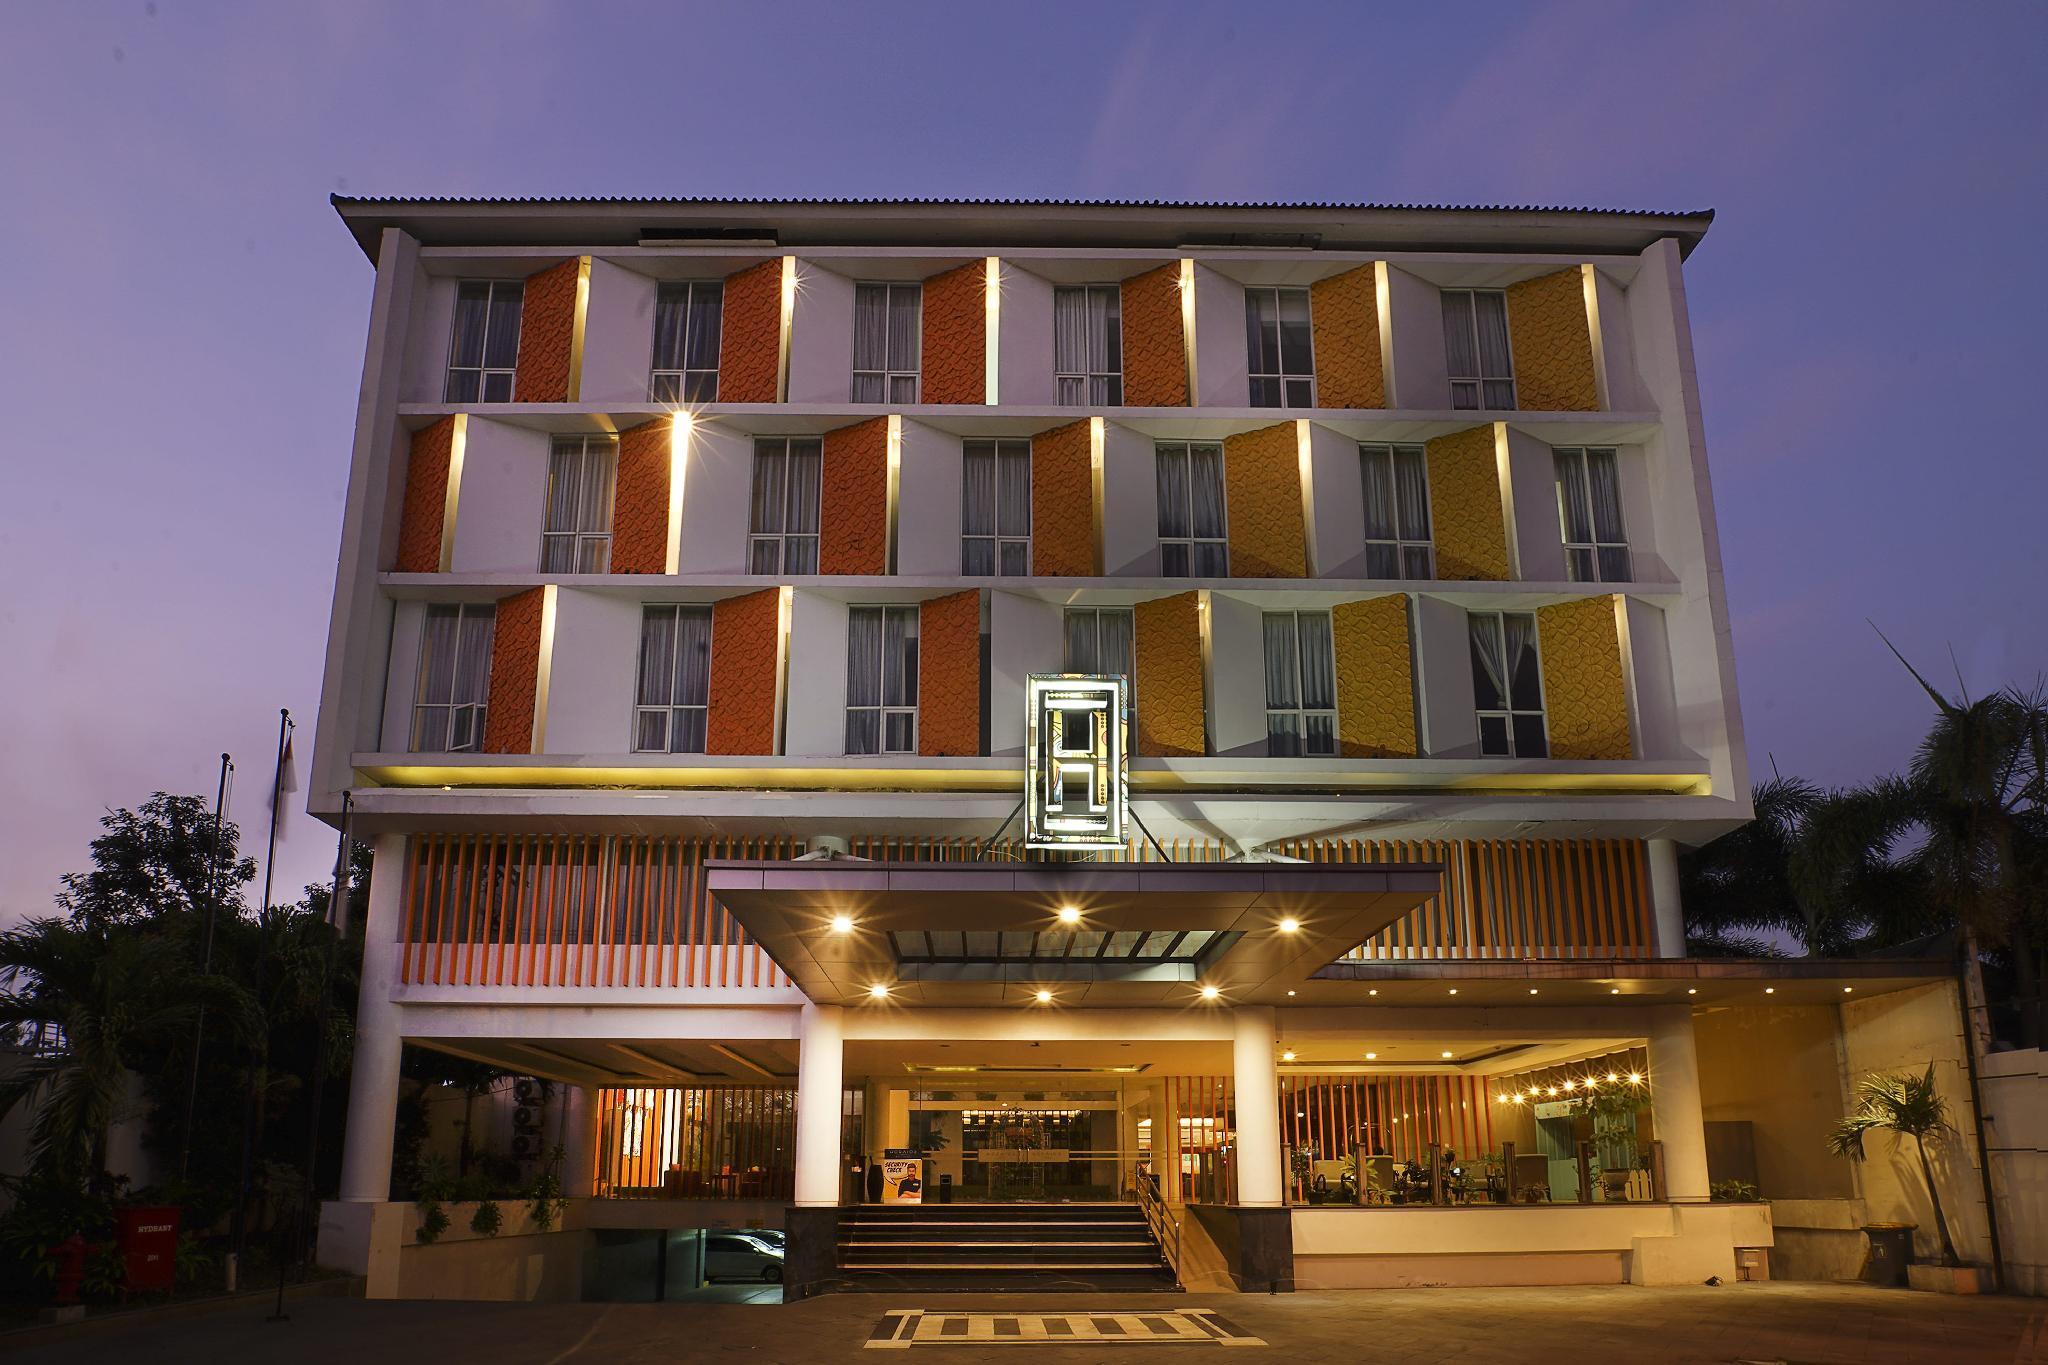 Horaios Malioboro Hotel